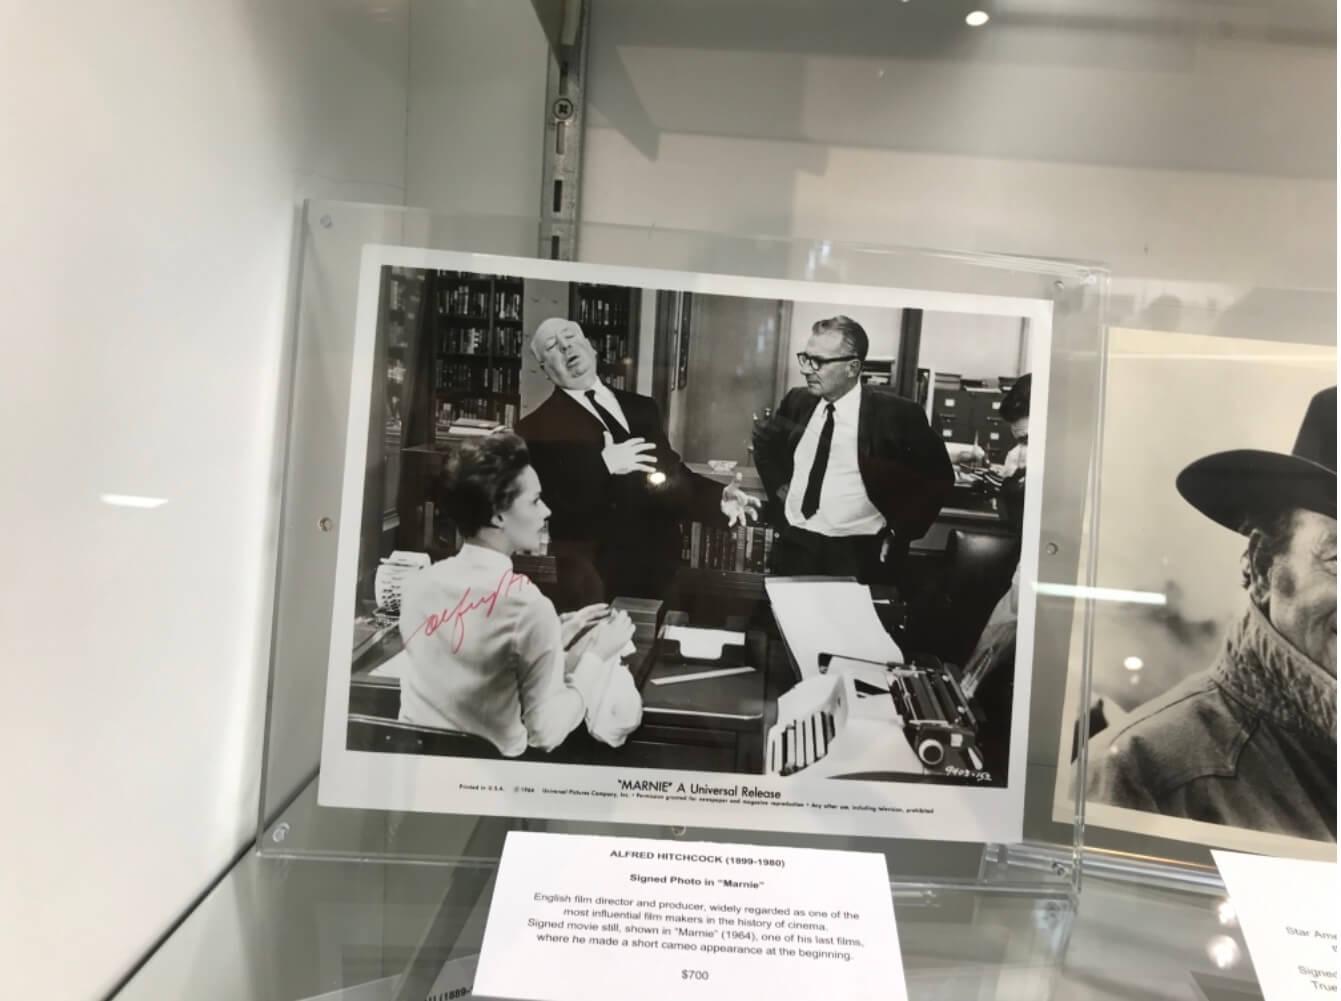 荷里活導演緊張大師希治閣導演《神秘賊美人》(Marnie)的現場照片,上有他的紅筆簽名。